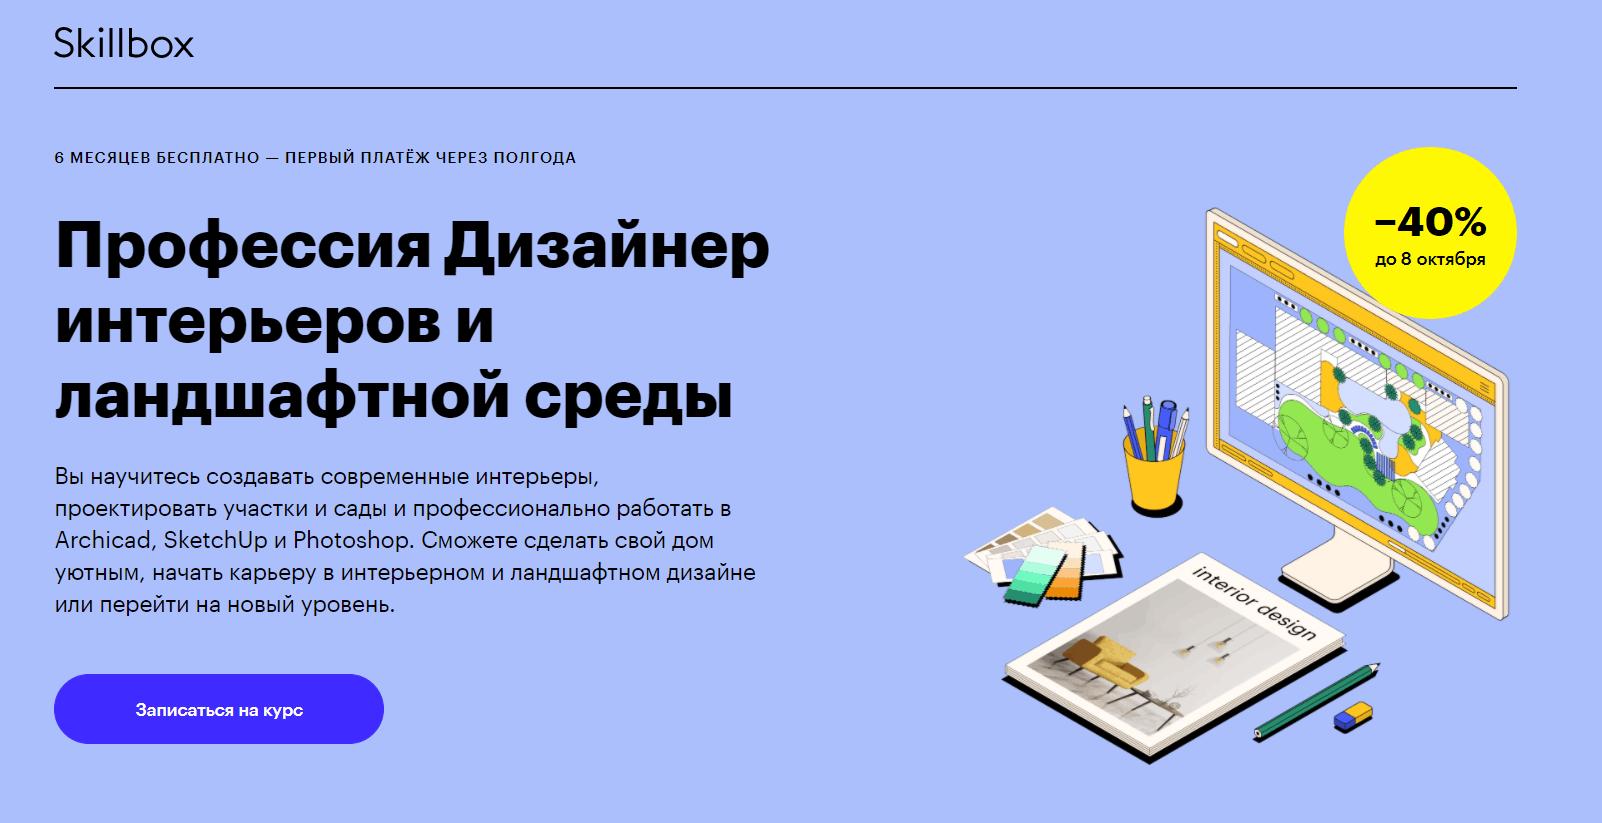 Профессия Дизайнер интерьеров и ландшафтной среды